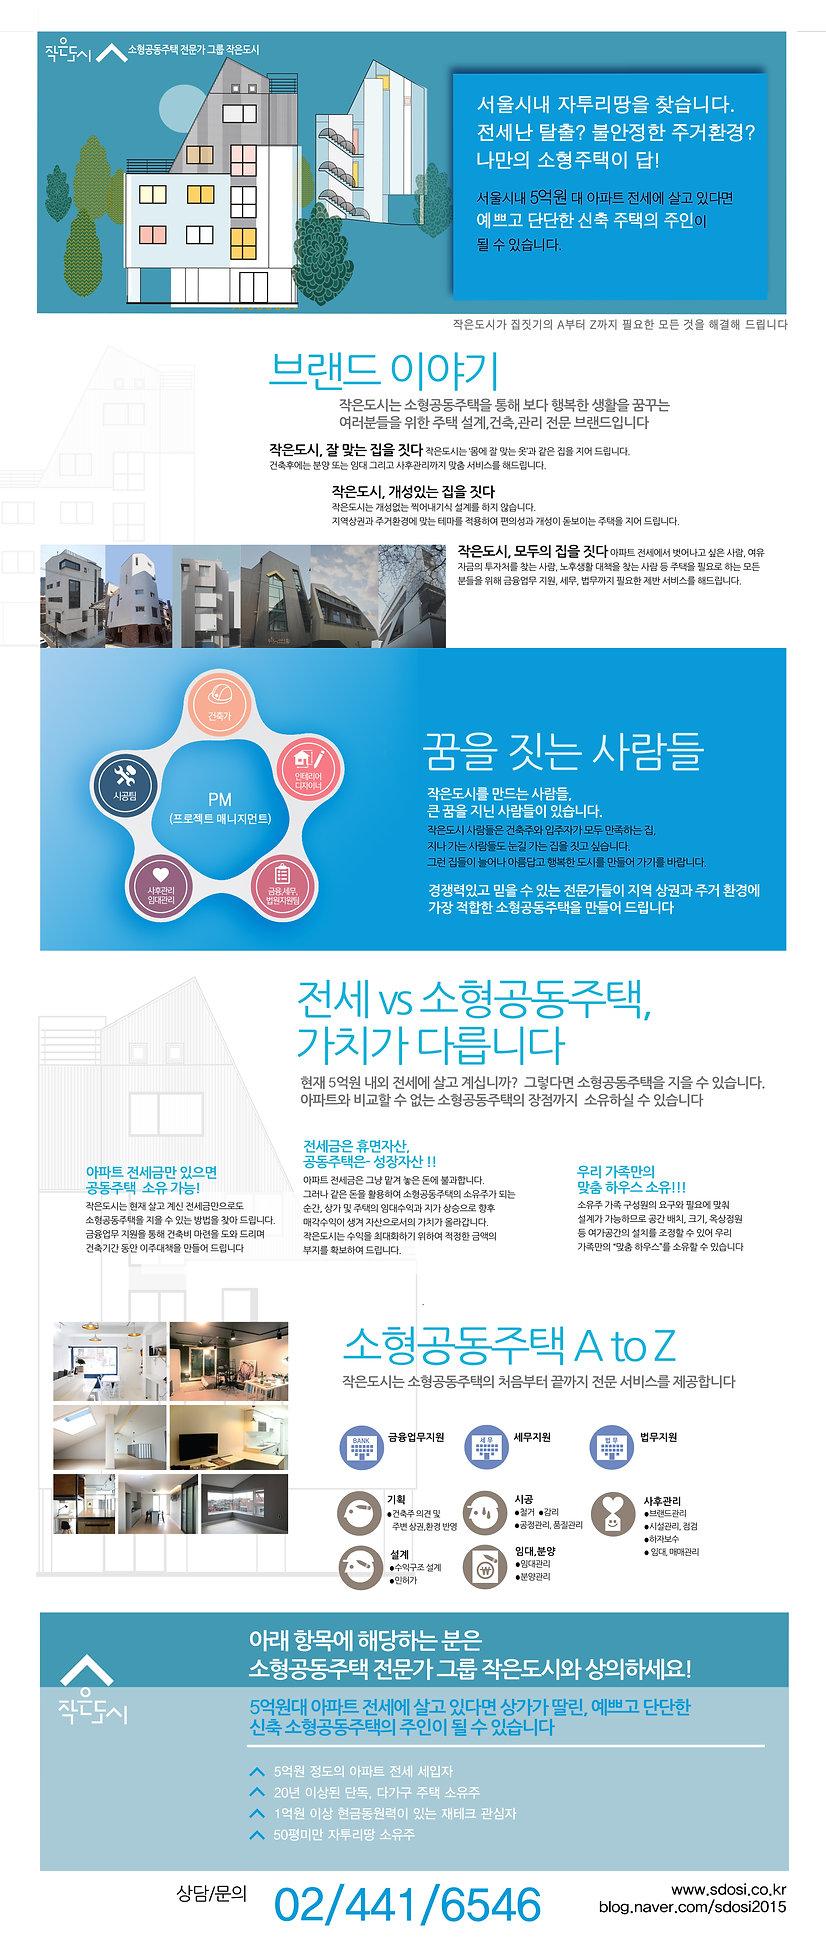 작은도시_자투리땅 광고(랜딩).jpg